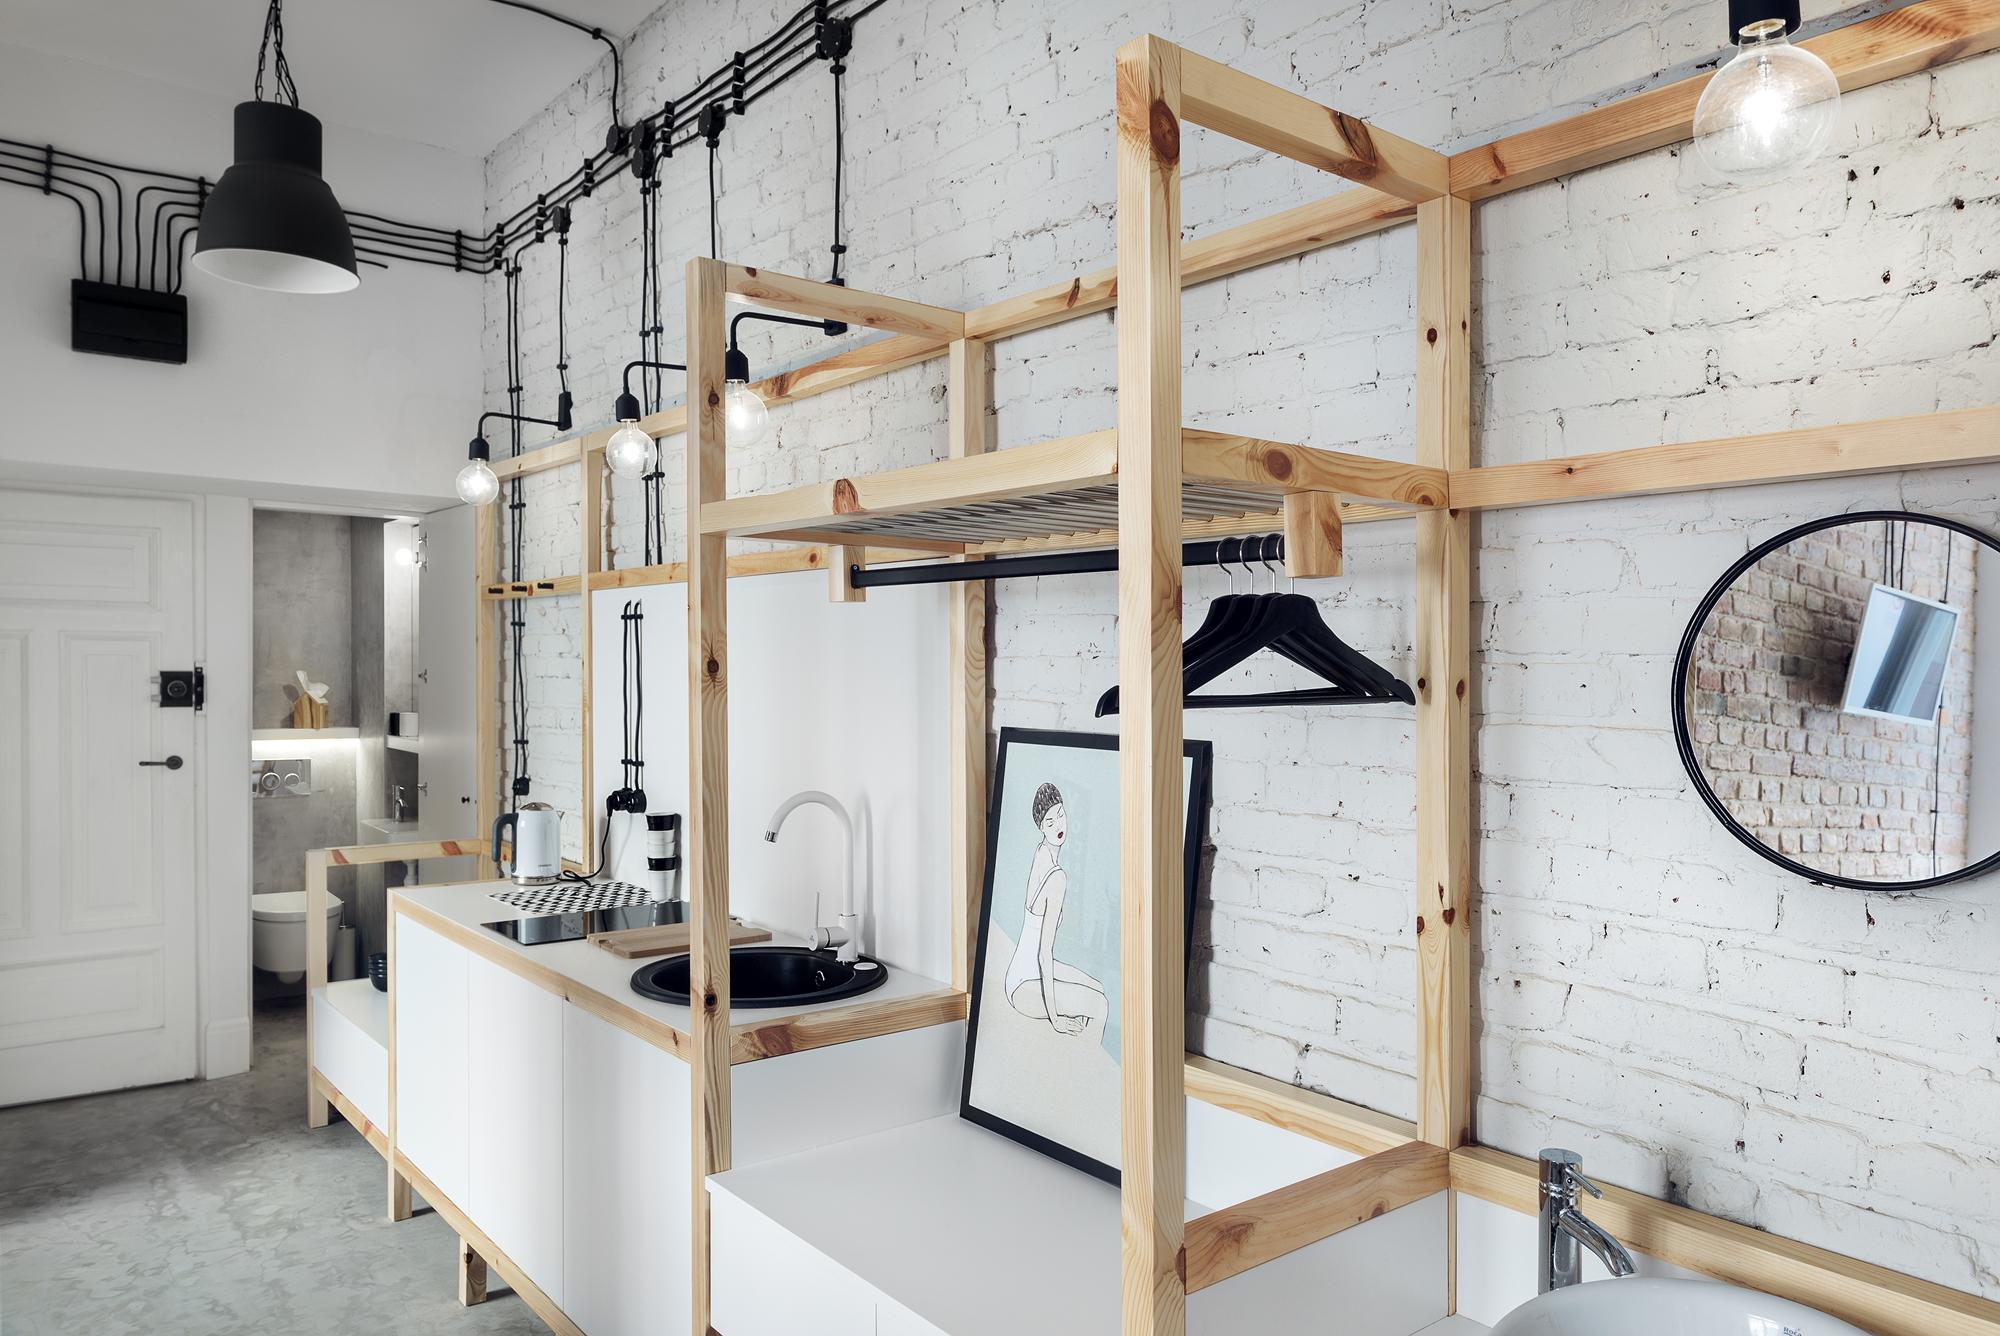 Małe przestrzenie: oryginalny wystrój i funkcjonalna zabudowa – tak wygląda kawalerka w Warszawie